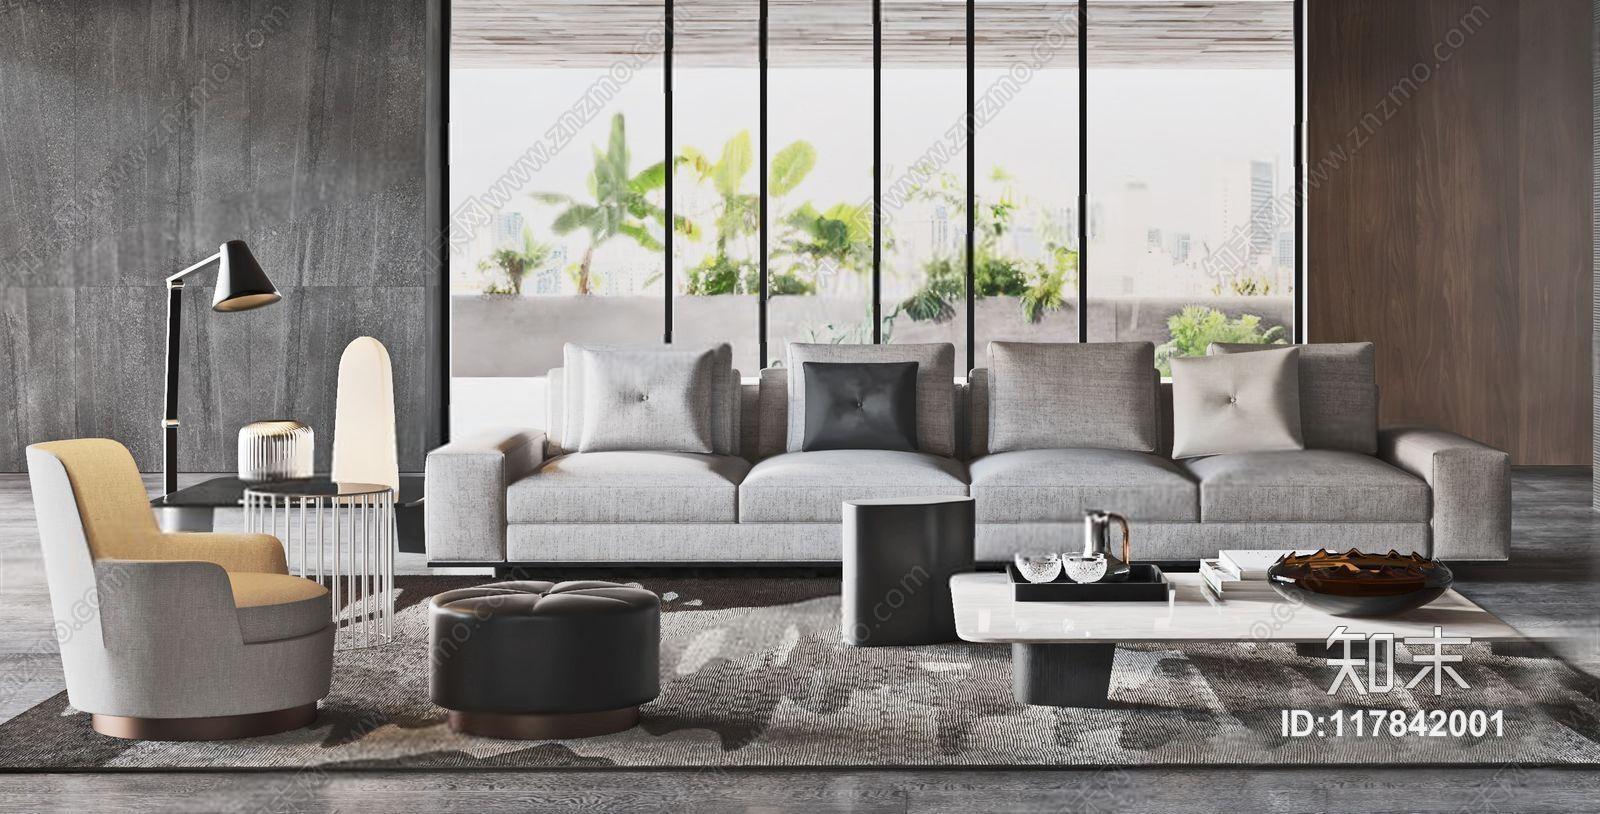 意大利 米洛提 Minotti 现代沙发组合 现代组合沙发 茶几 休闲椅 边几 落地灯 摆件 坐垫 意大利 Minotti 米洛提